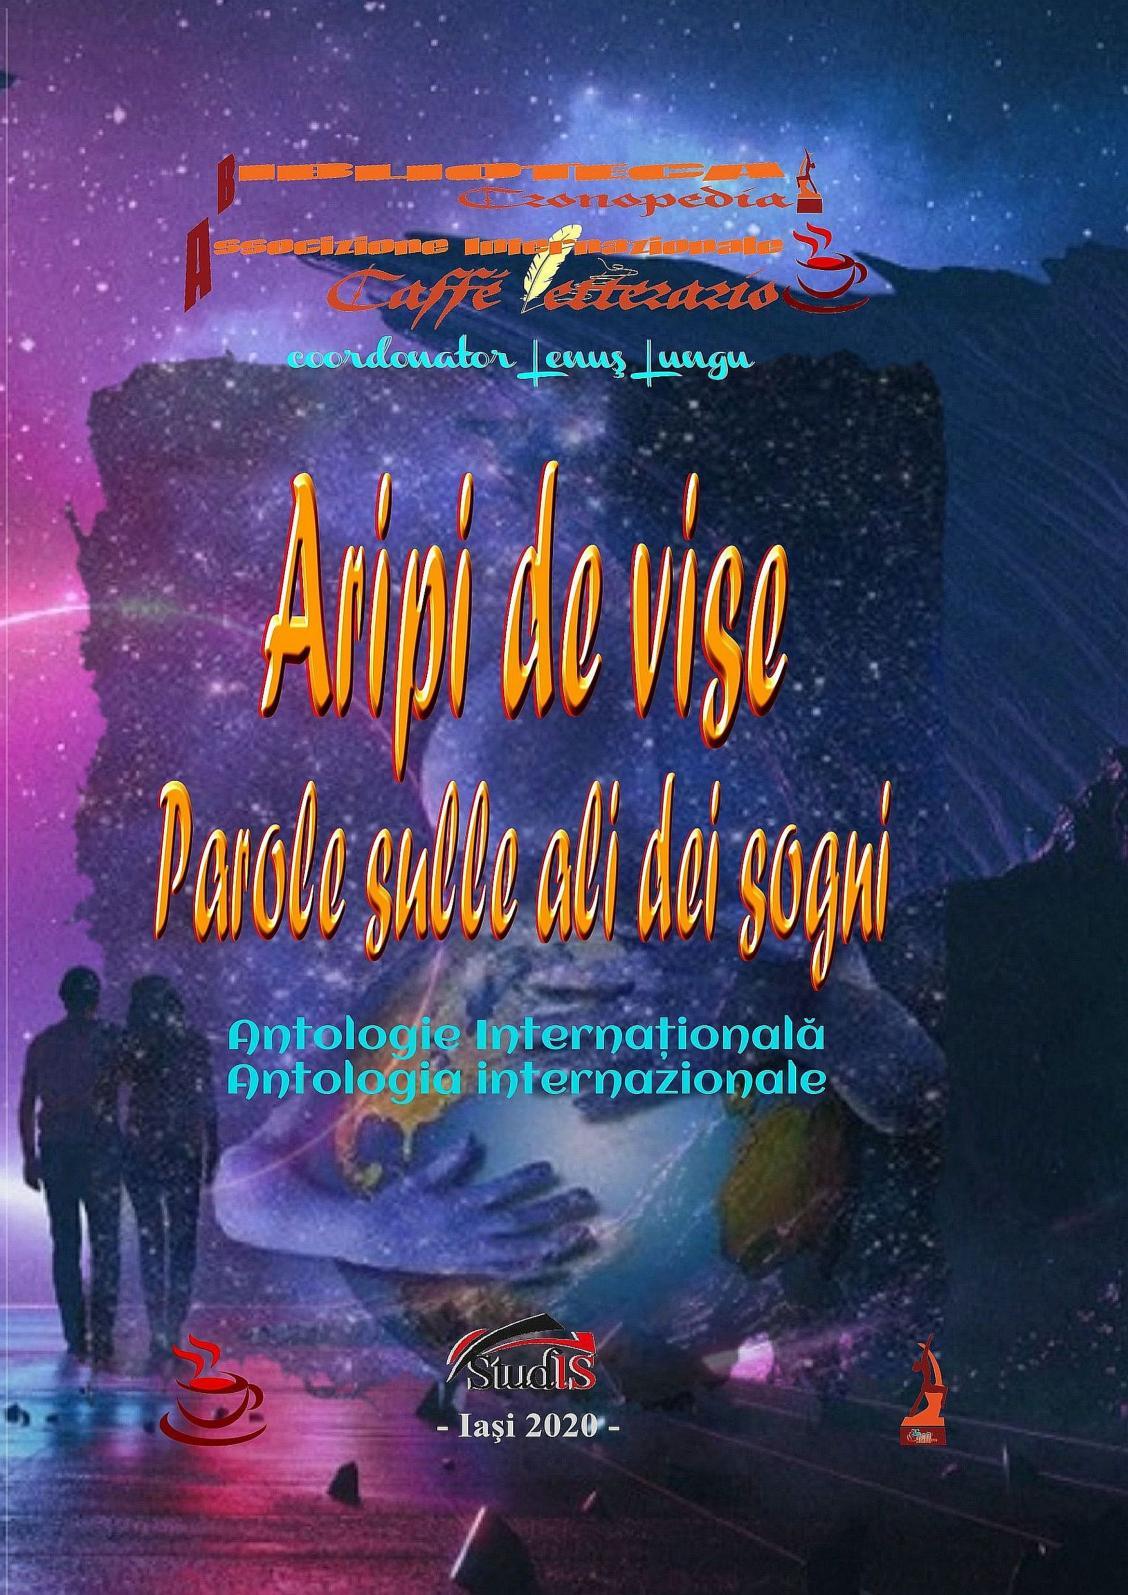 Castiga Bani Reali - Ghicitori z apk | zondron.ro